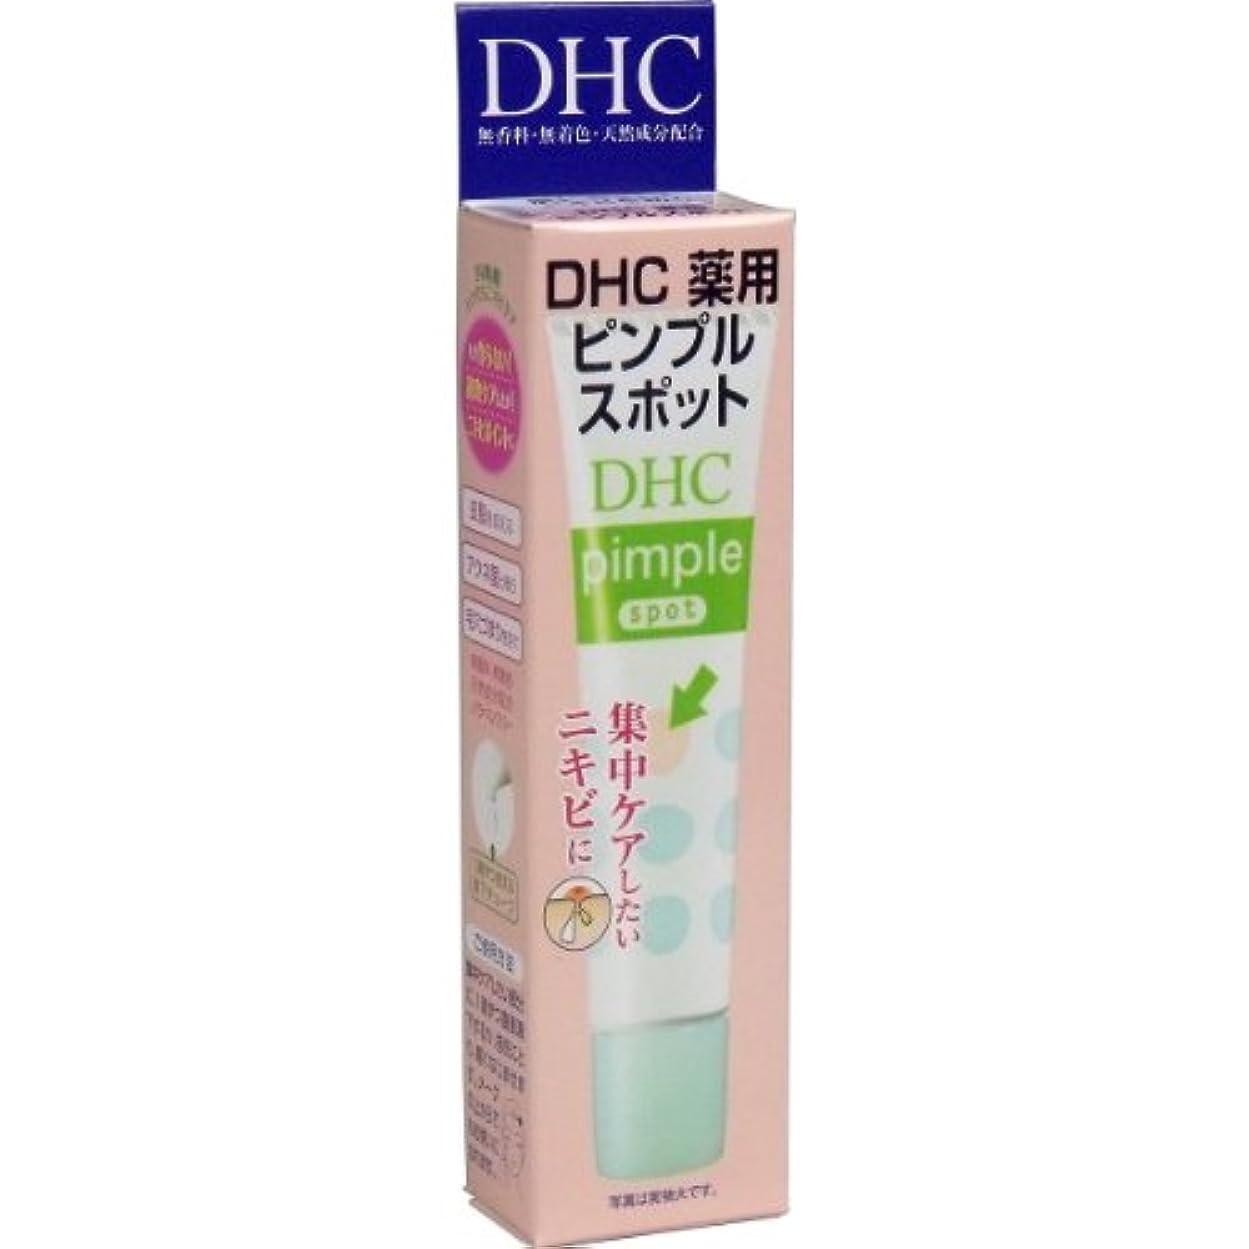 贅沢合理的階下DHC 薬用ピンプルスポット15ml